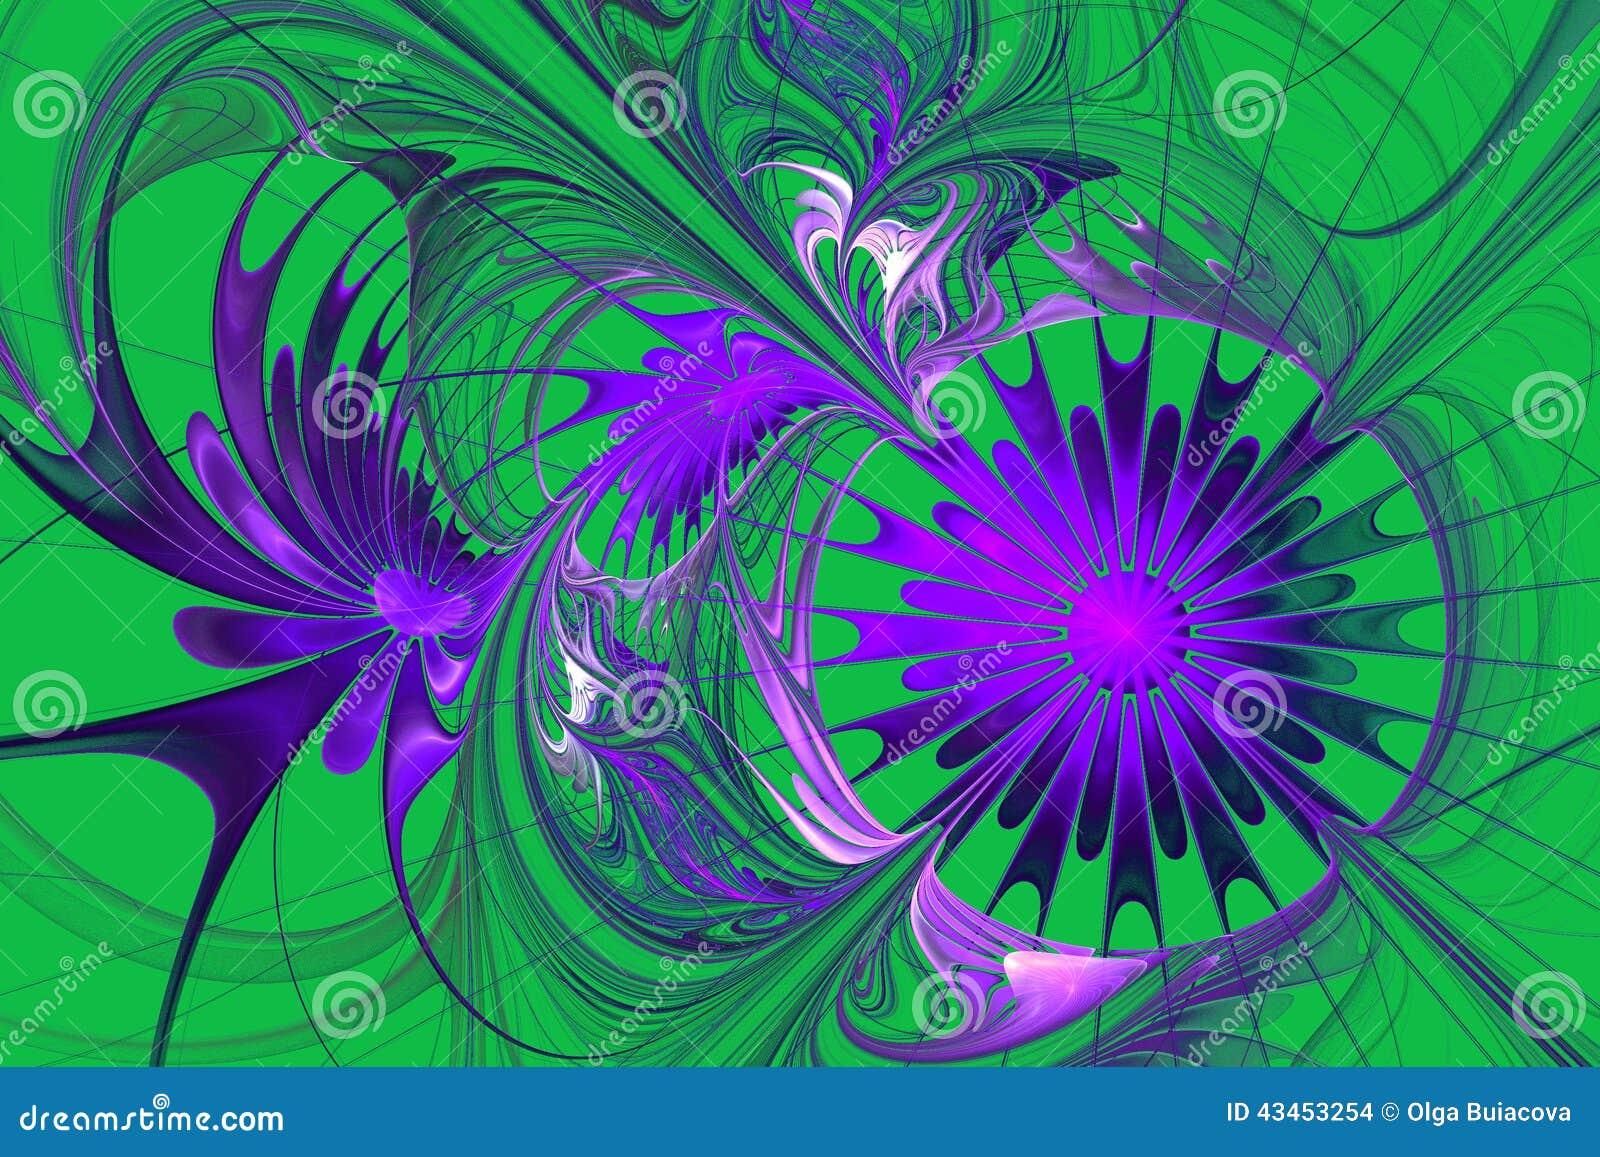 flower background purple and green palette stock illustration image 43453254. Black Bedroom Furniture Sets. Home Design Ideas